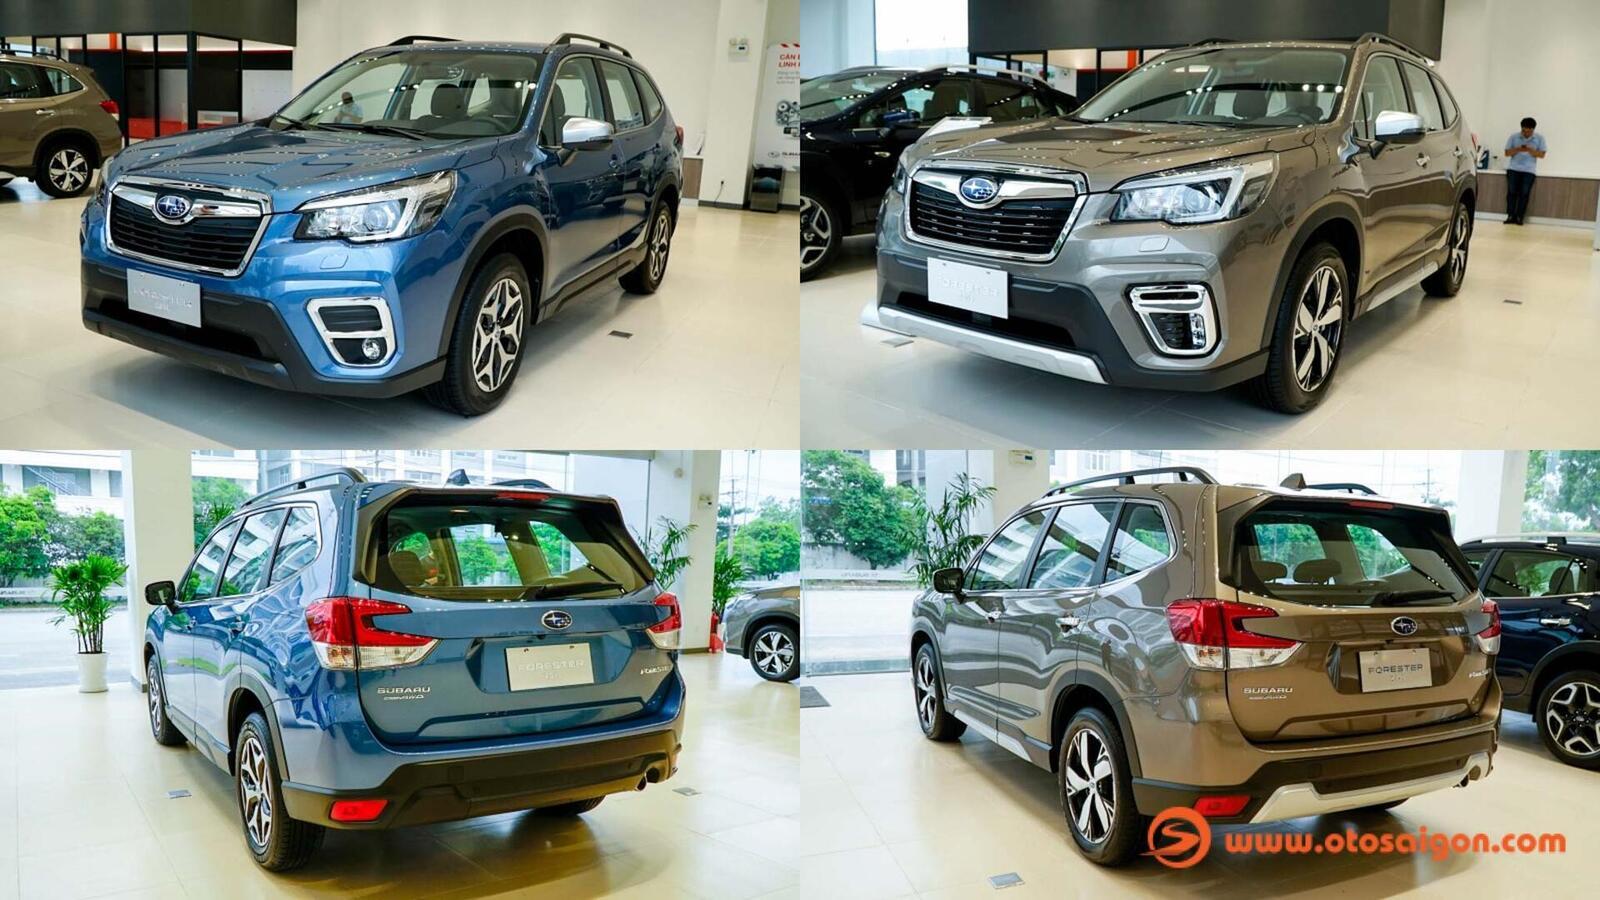 Đánh giá nhanh Subaru Forester thế hệ mới và sự khác biệt giữa hai phiên bản - Hình 1